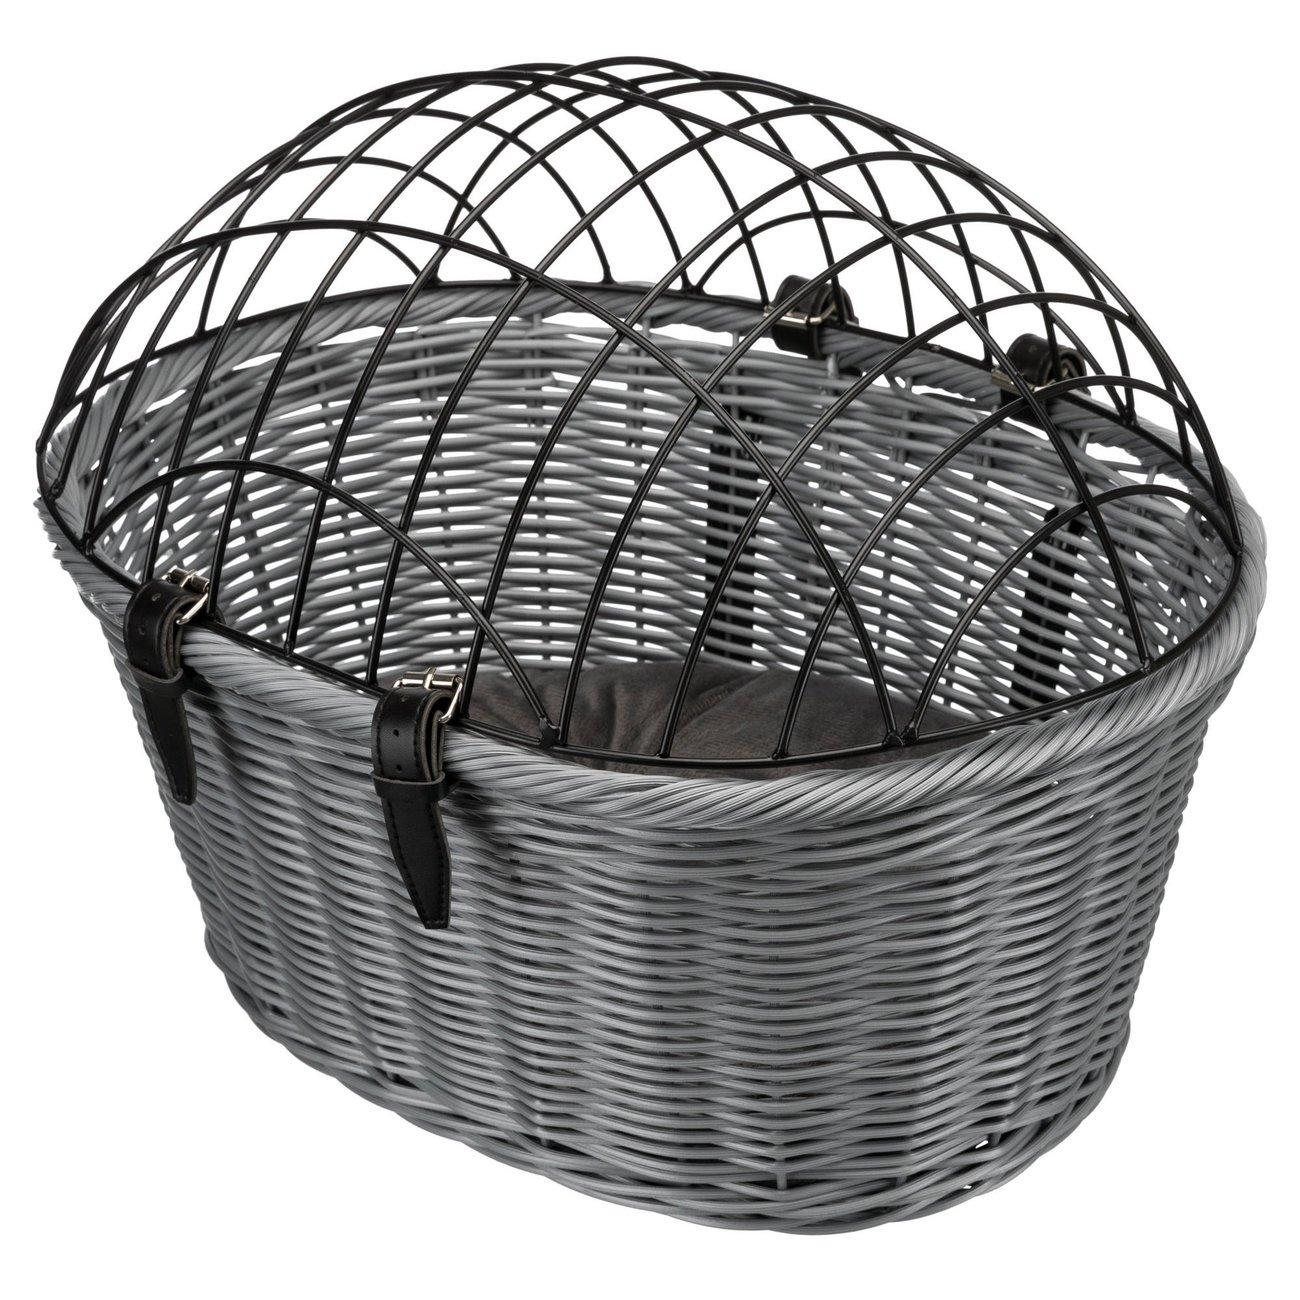 Trixie Fahrradkorb aus Polyrattan mit Gitter 13119, Bild 4